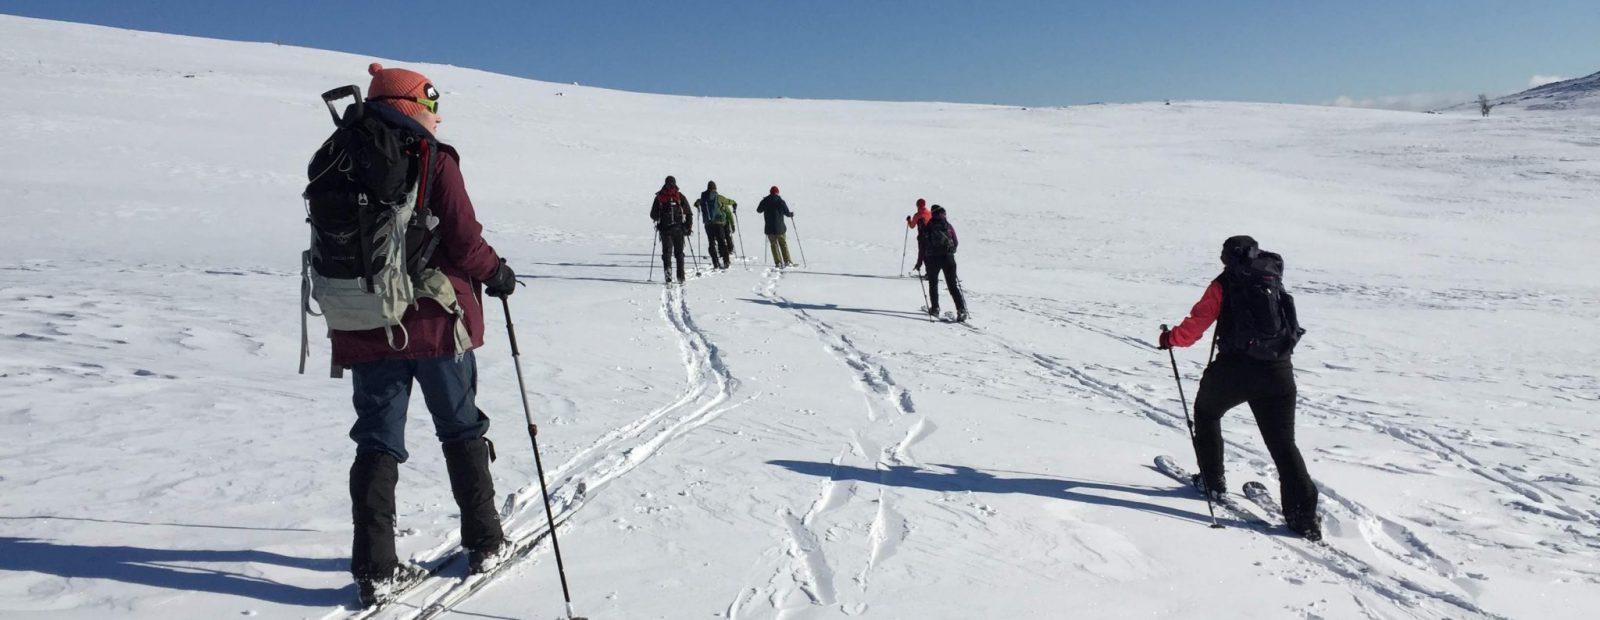 Seitsemän ihmistä hiihtää.